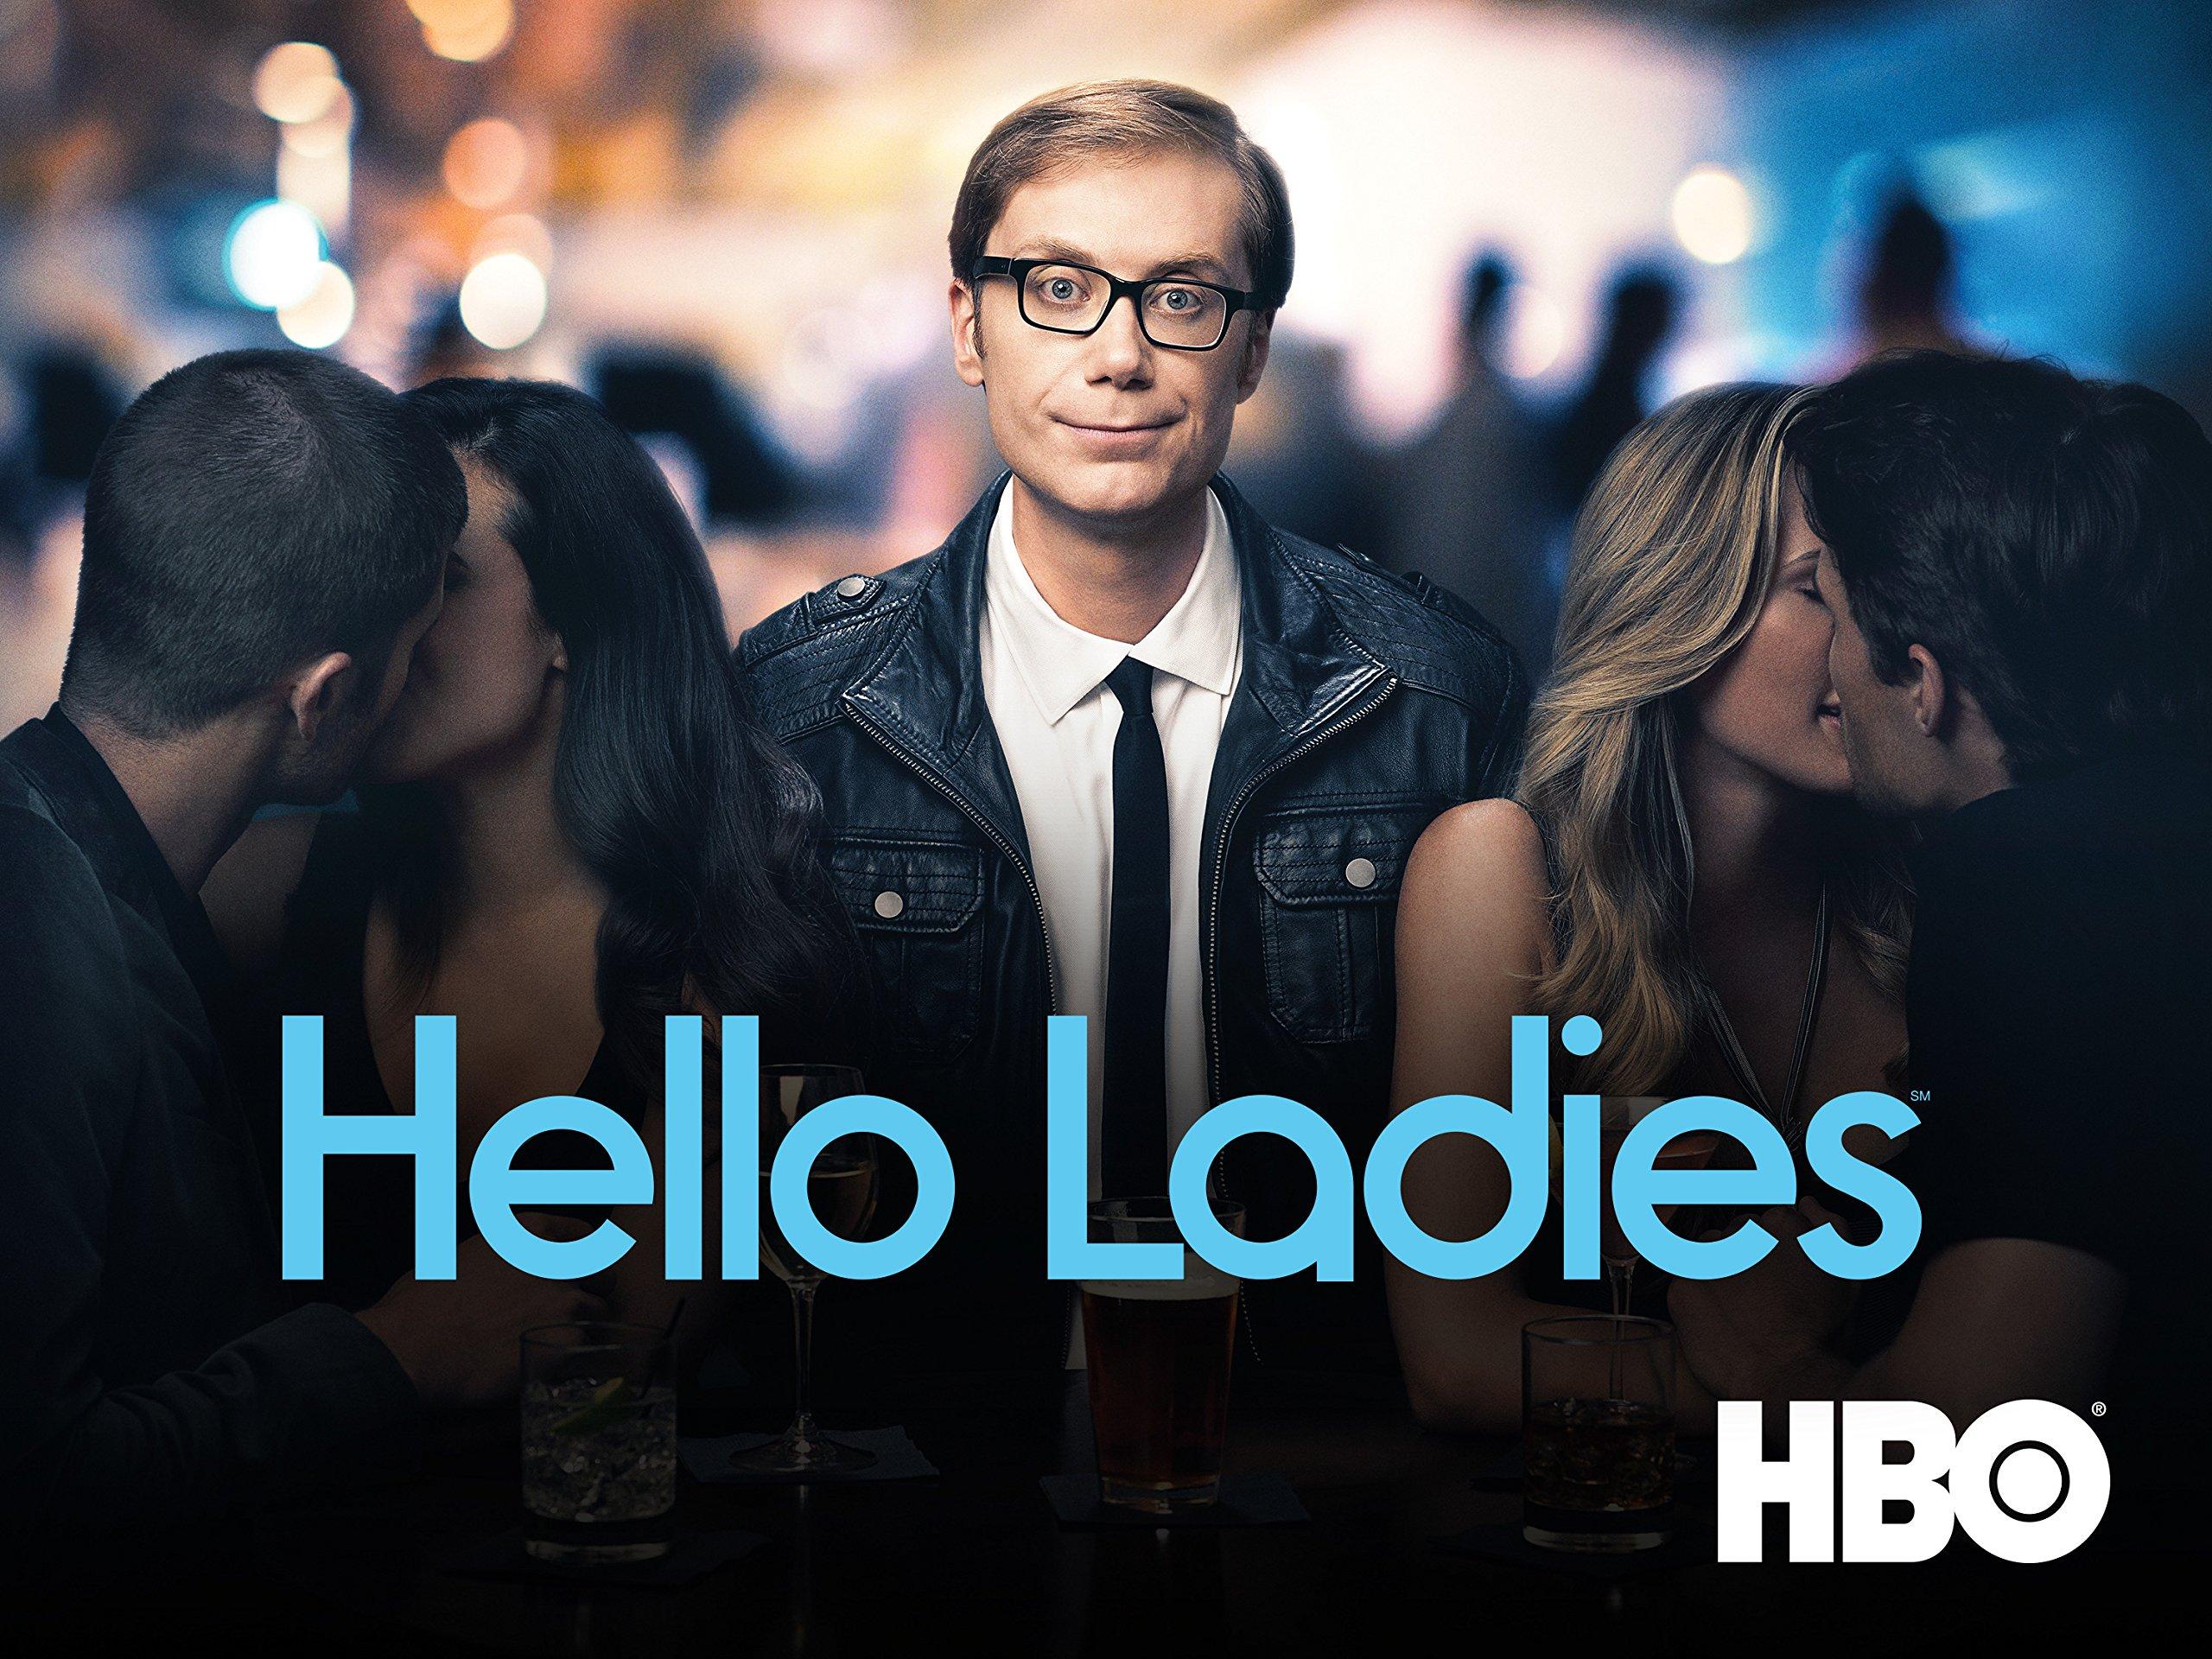 Hello ladies hbo trailer